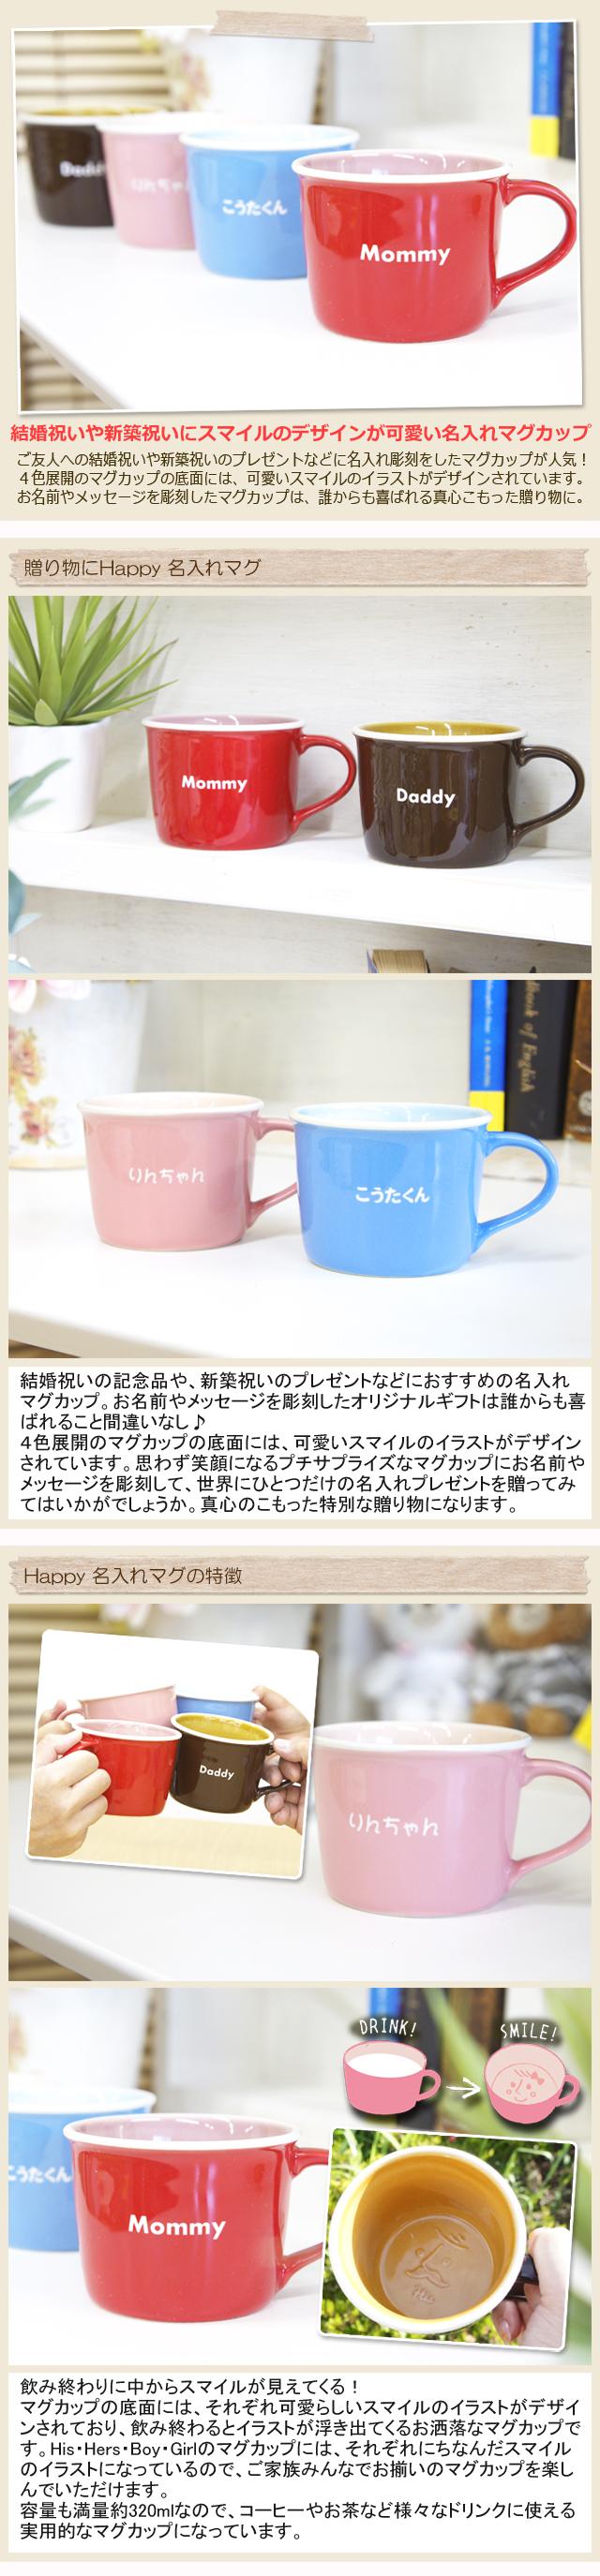 結婚祝いや新築祝いのプレゼントなどに名入れ彫刻をしたマグカップ